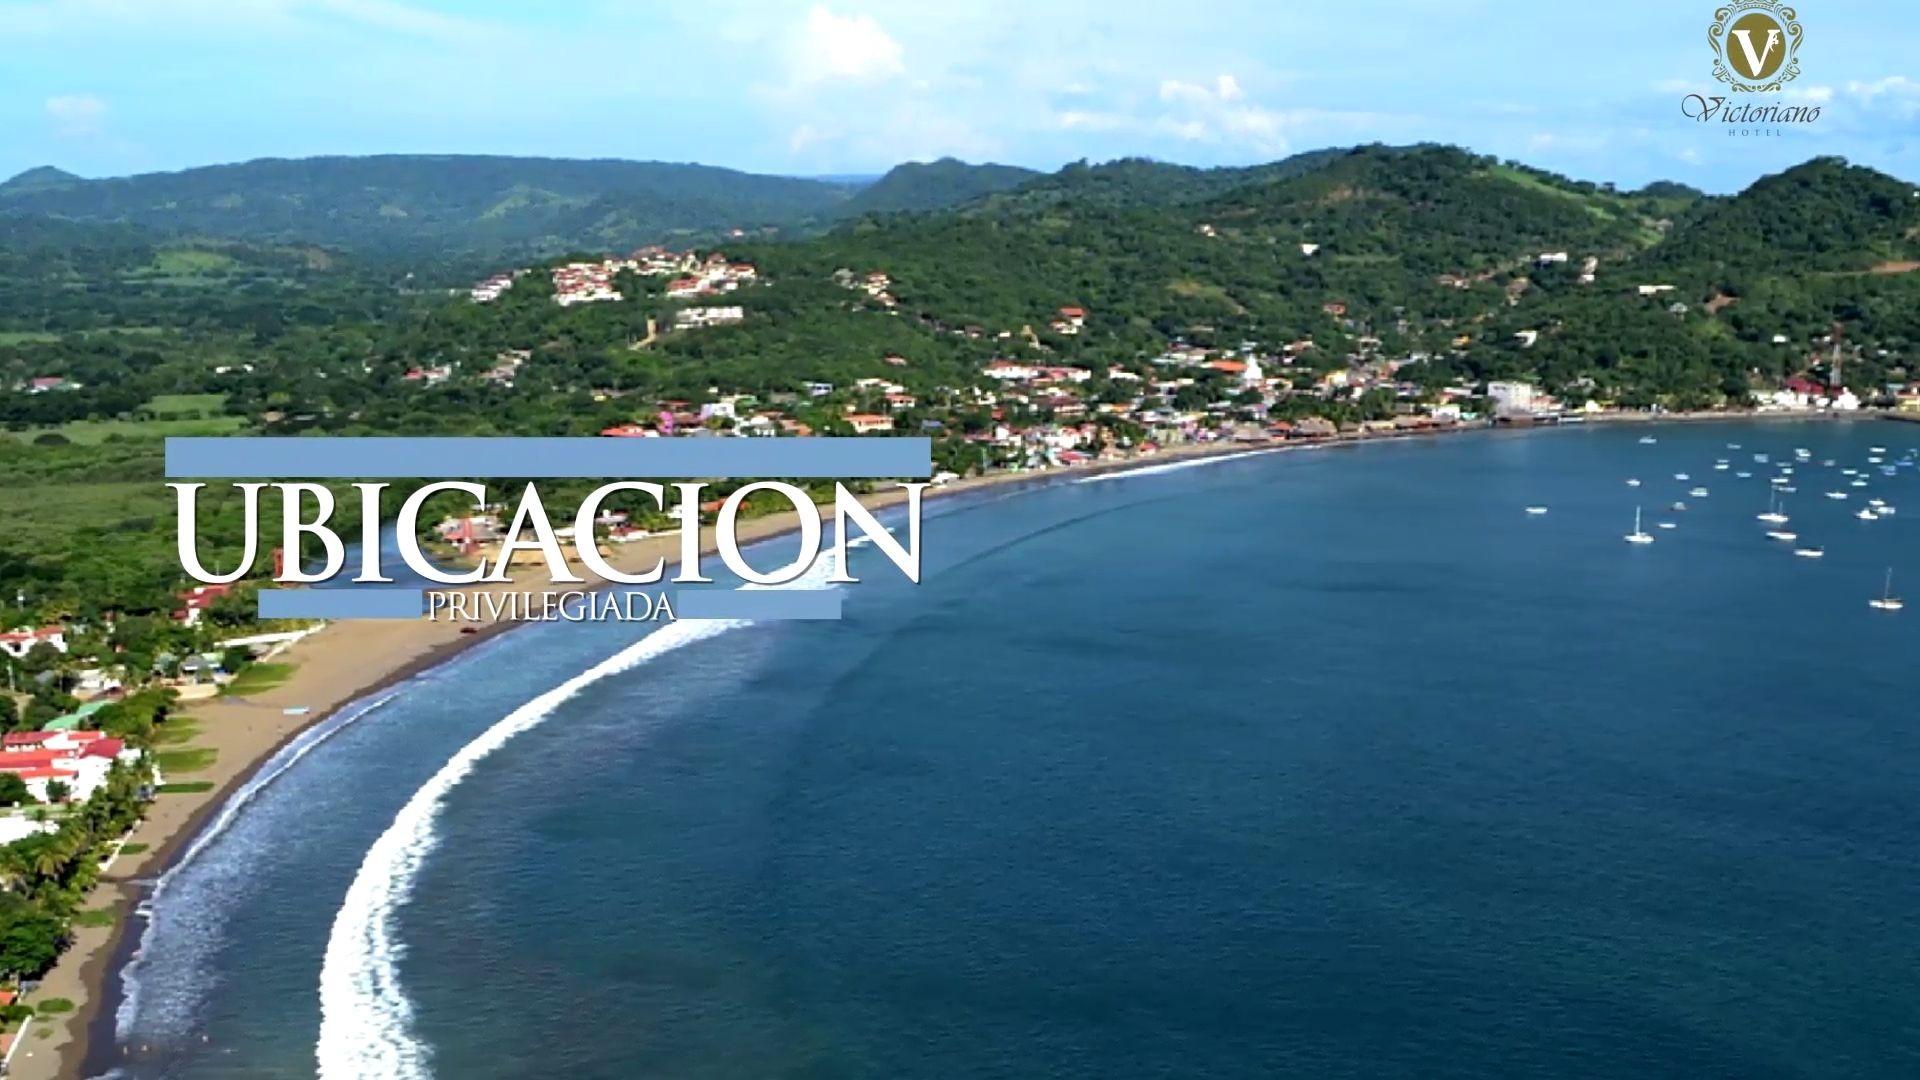 Hotel Victoriano San Juan del Sur Nicaragua